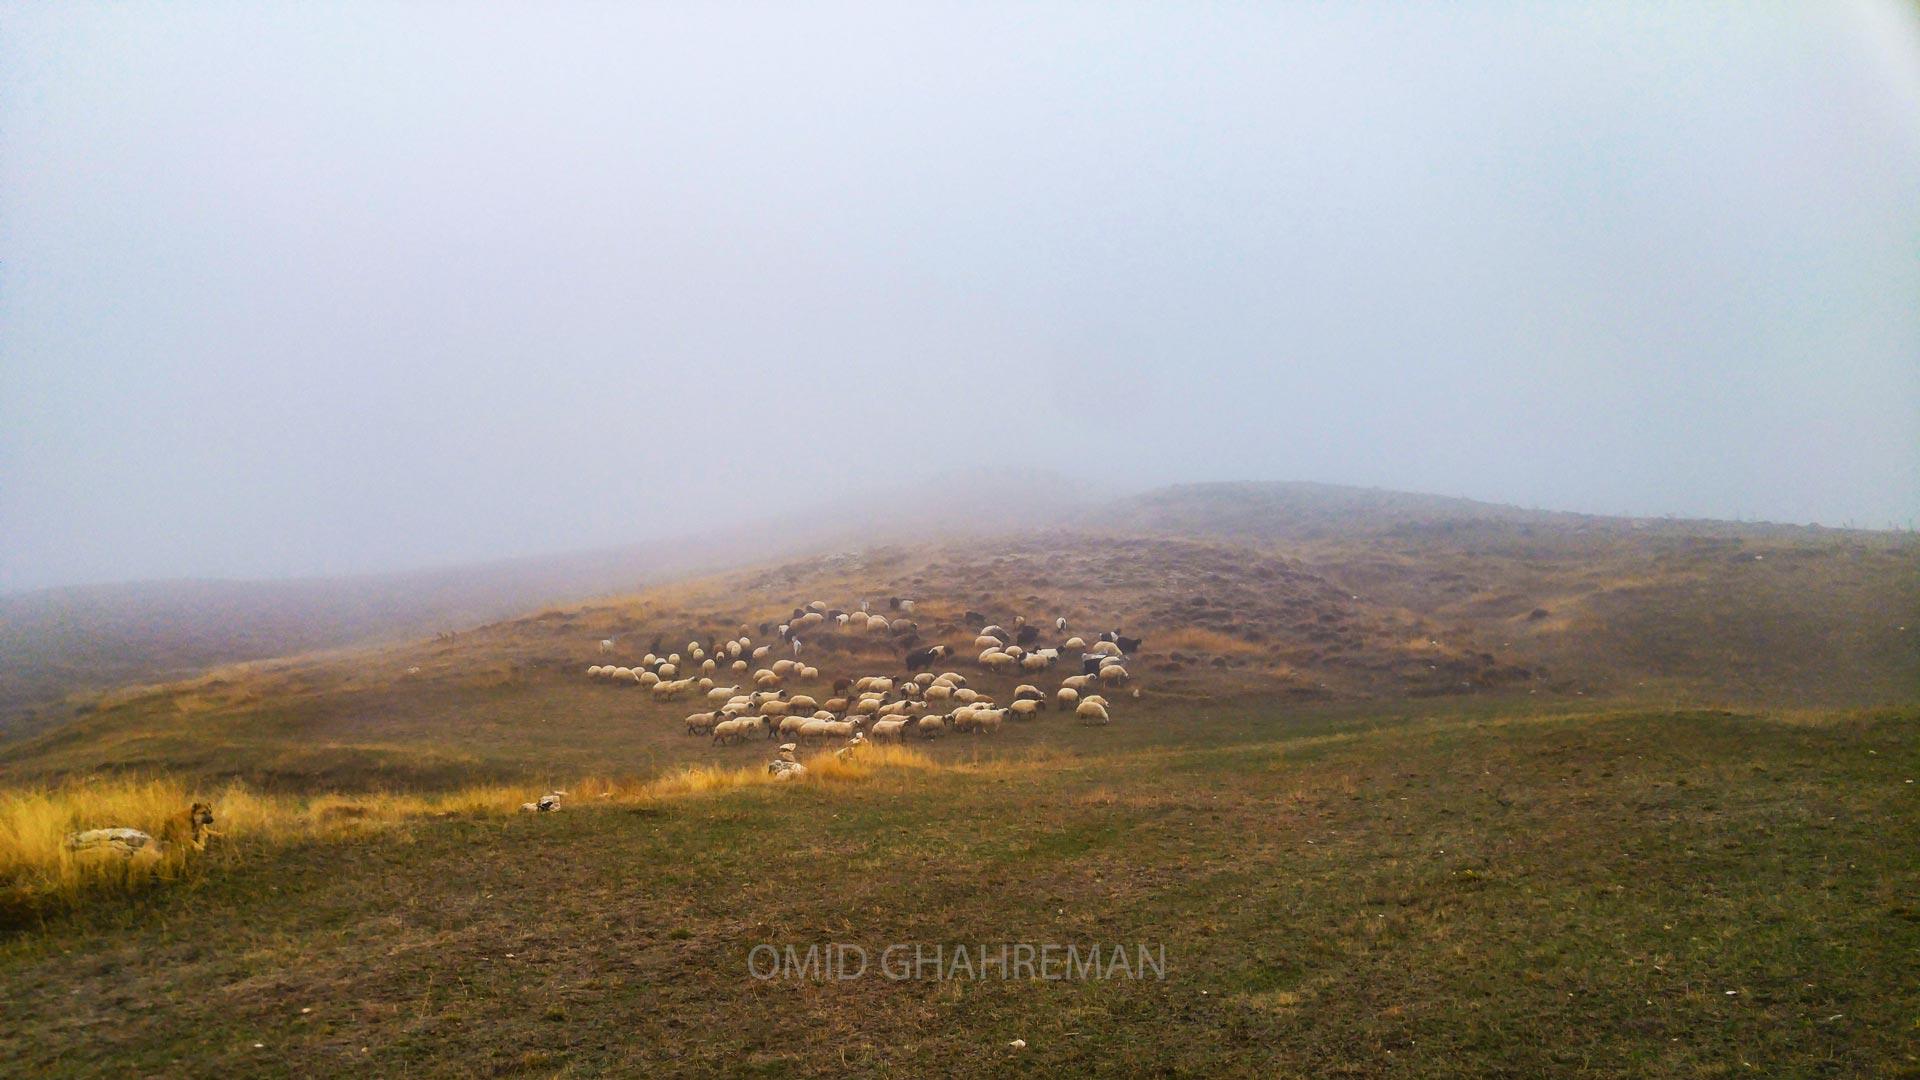 هوای مه آلود و گوسقندان در حال چرا در کوه مورس